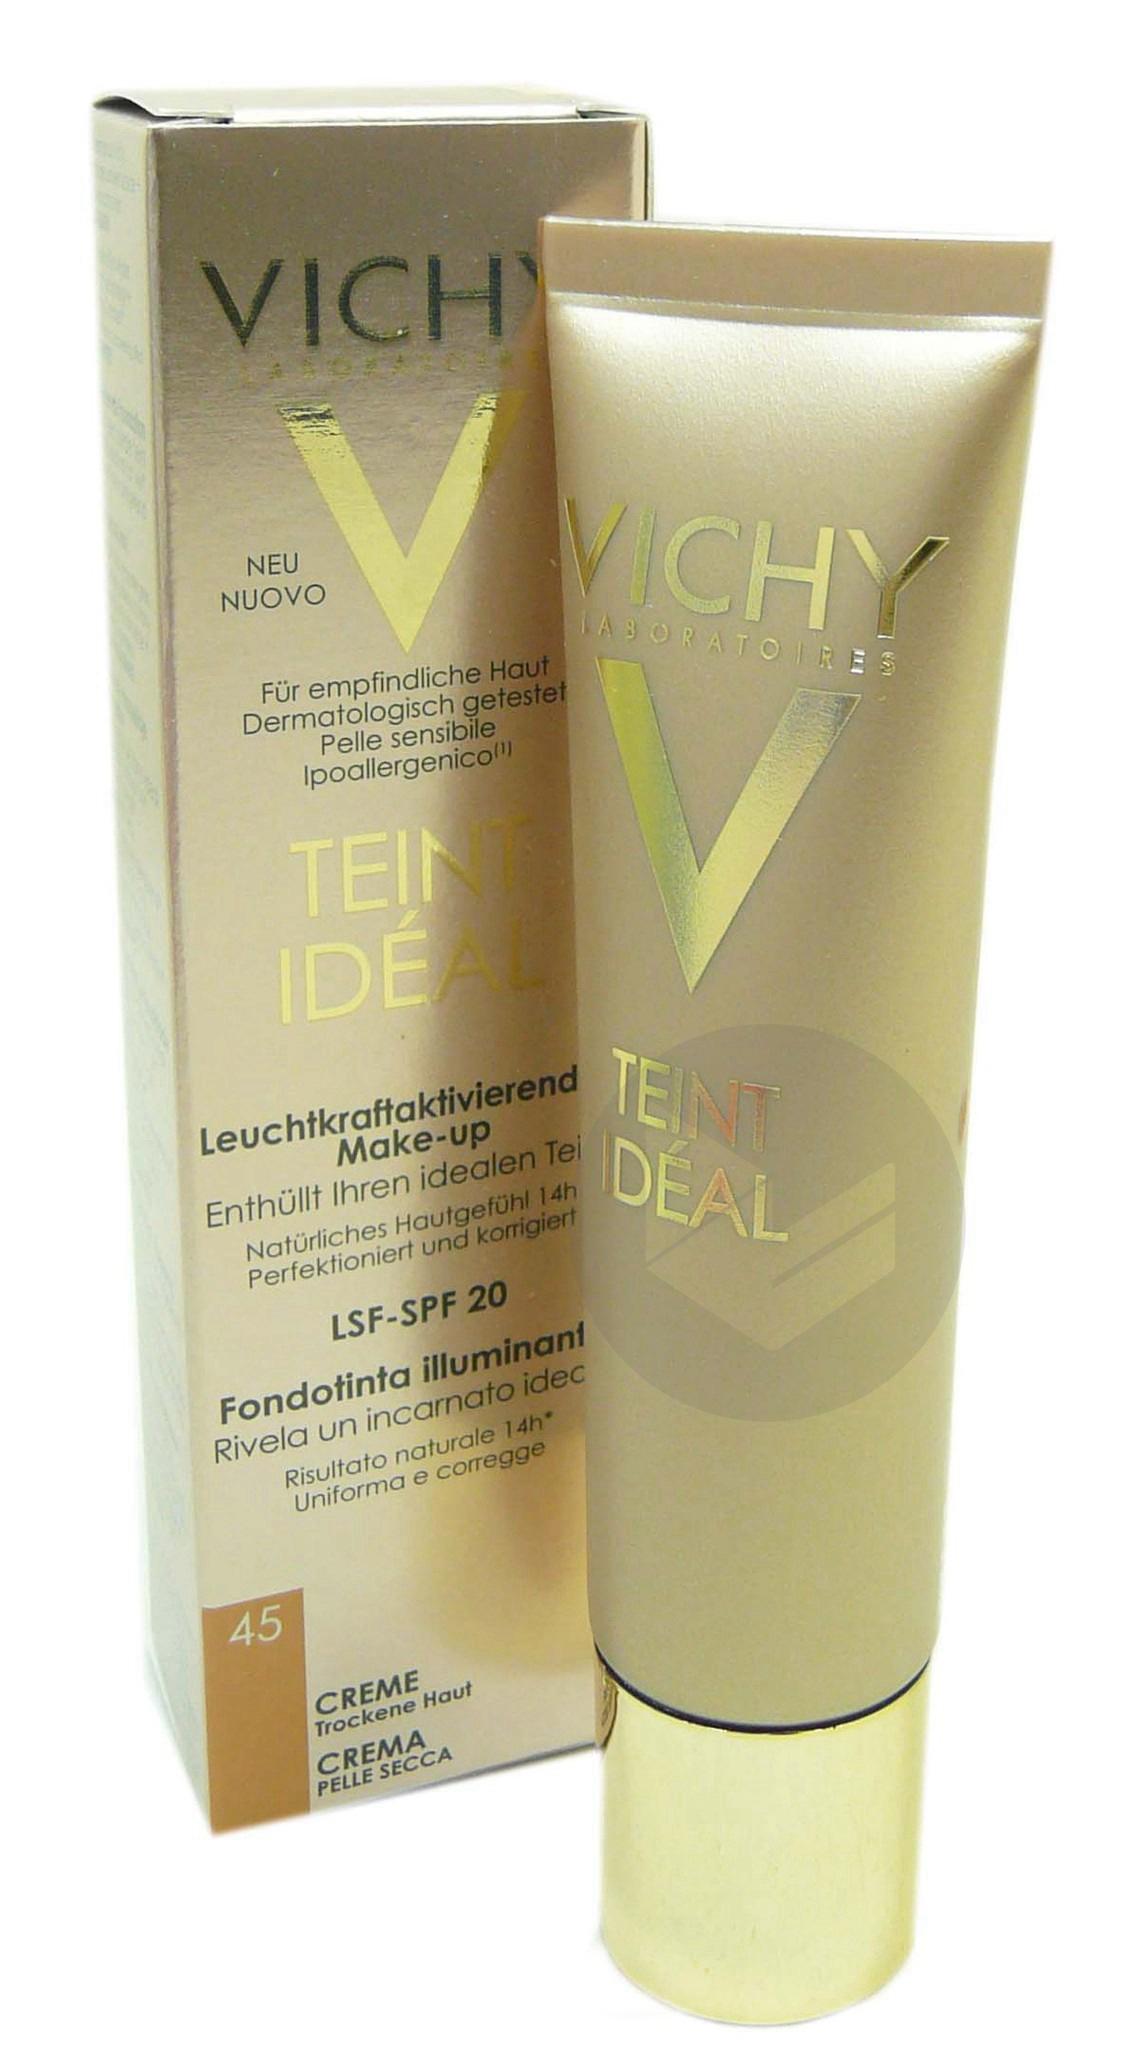 VICHY TEINT IDEAL Cr n°45 T/30ml